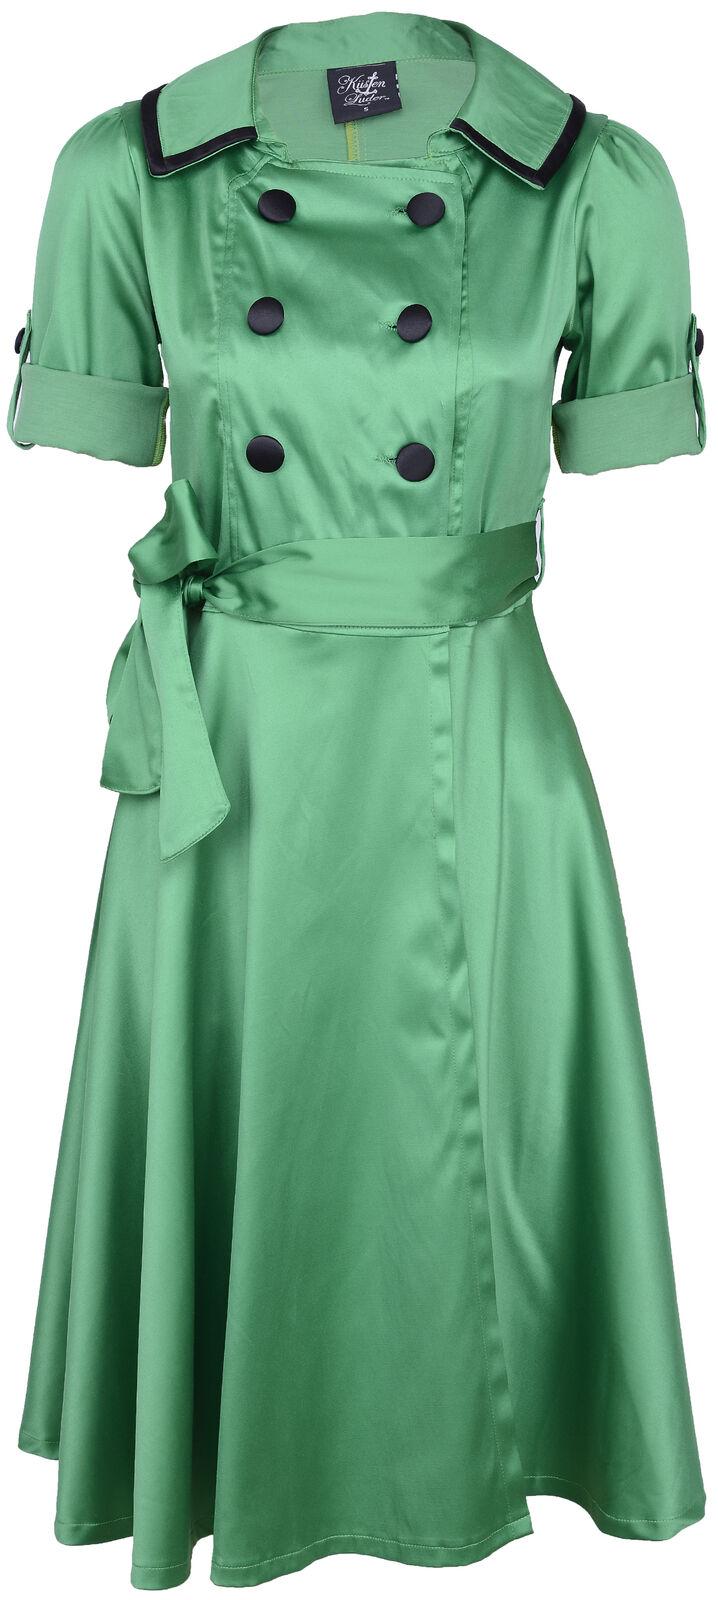 Küstenluder ELAINE Trenchcoat VINTAGE Button Swing Dress KLEID Grün Rockabilly